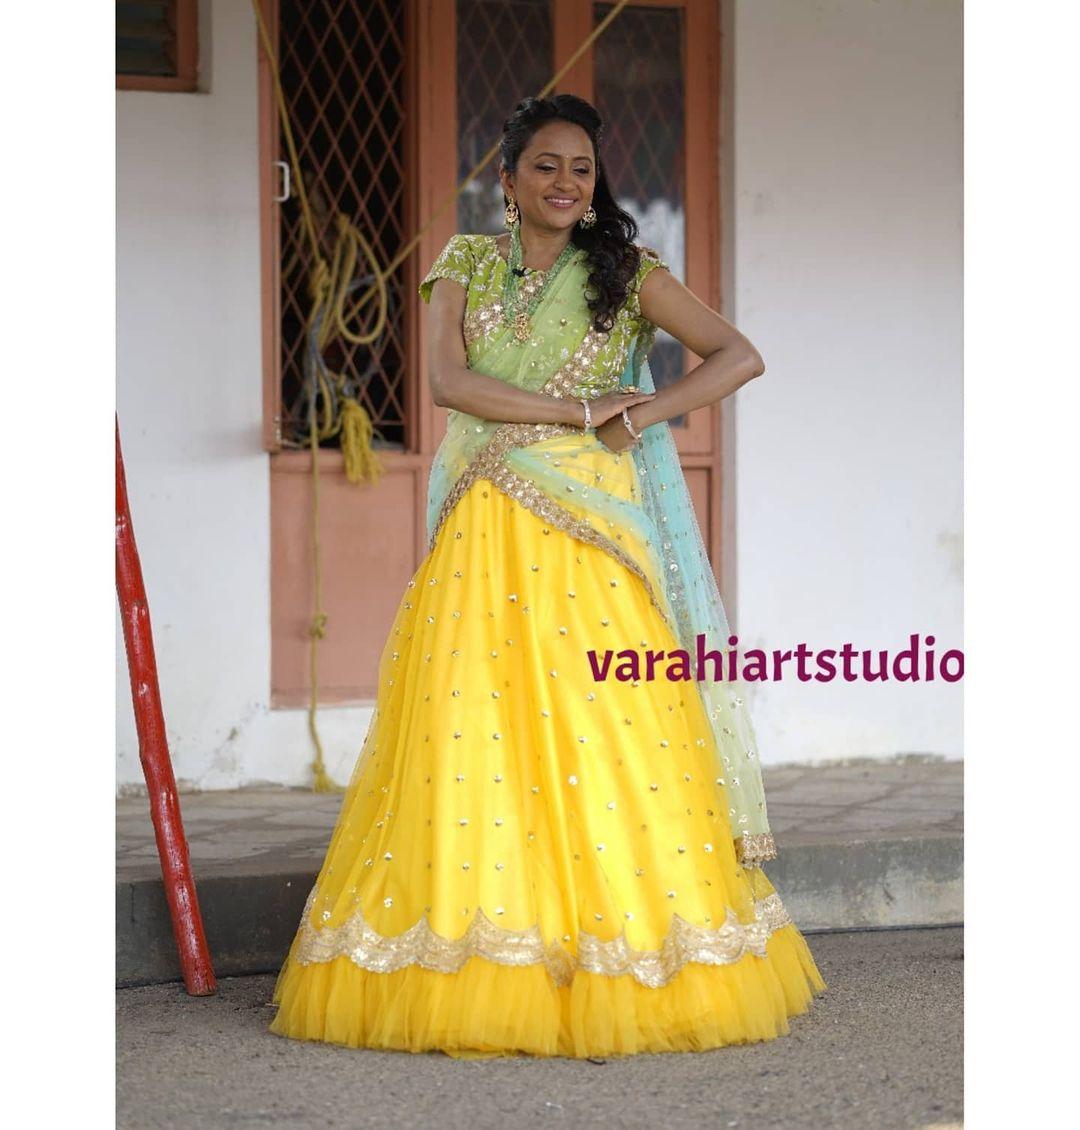 Beautiful anchor Suma kanakala  in Varahi's Ensemble .. Styled by: ppriyankasaha jananda. 2021-05-21